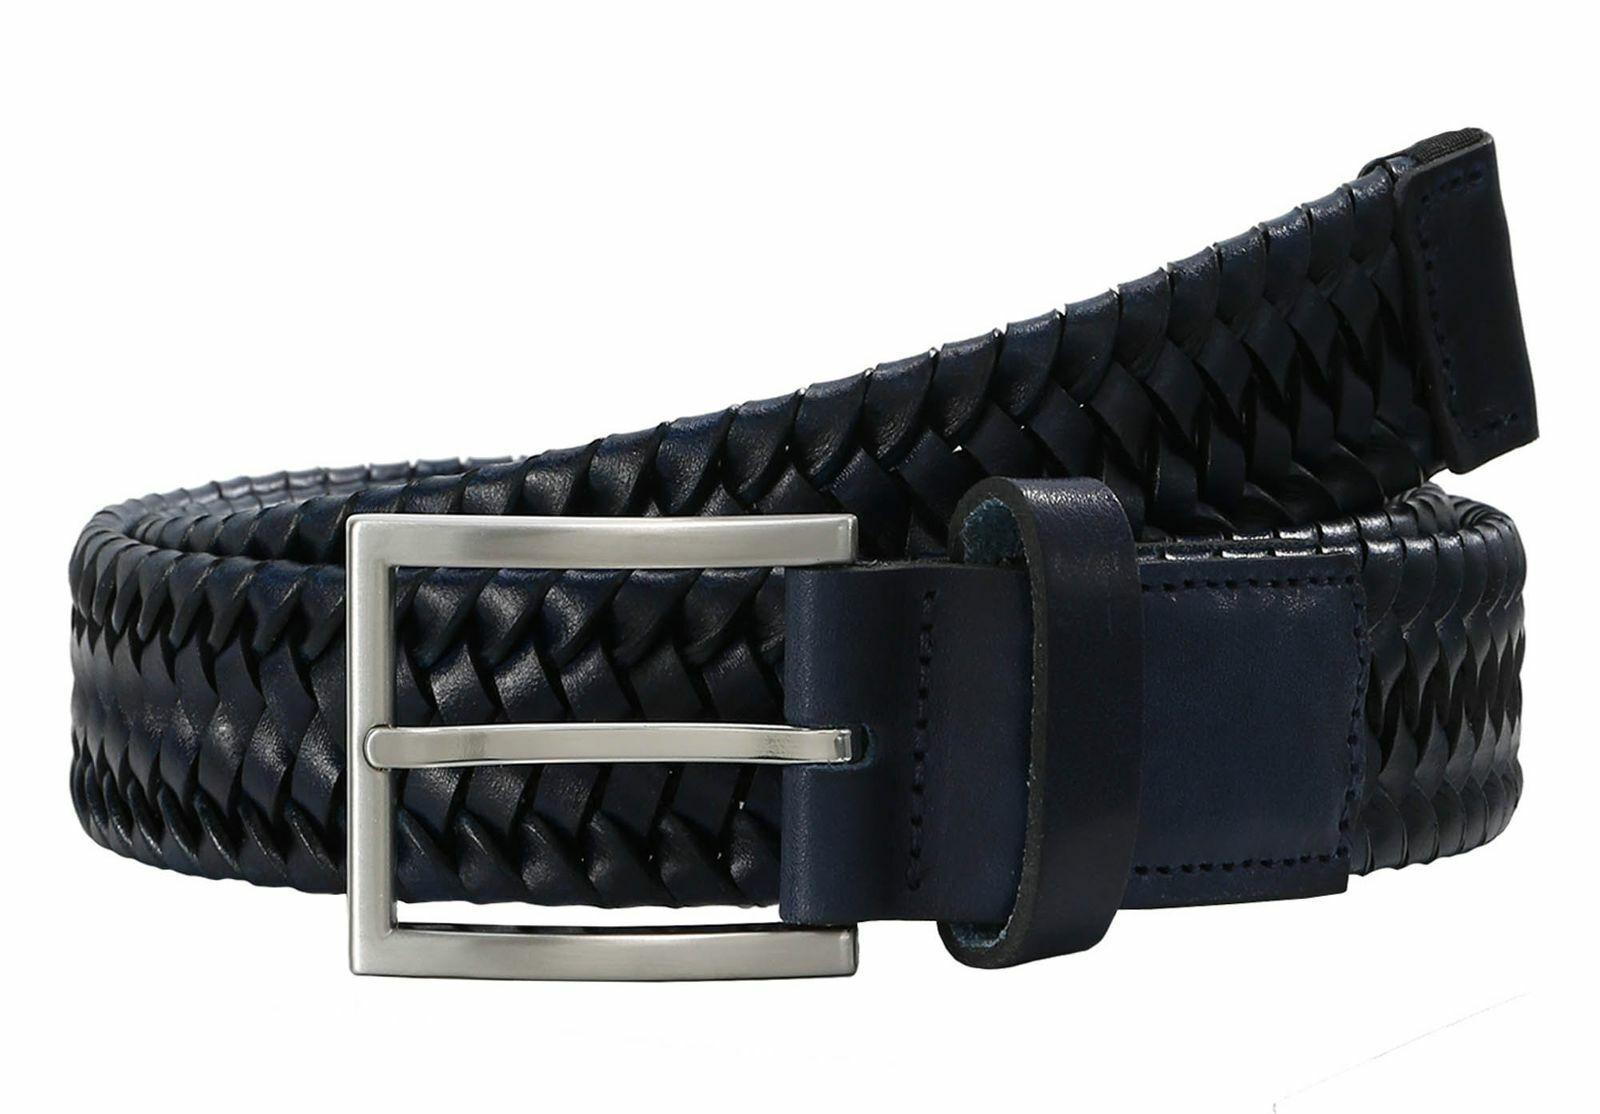 LLOYD Braided Men´s Belt W90 Gürtel Accessoire Marine Blau